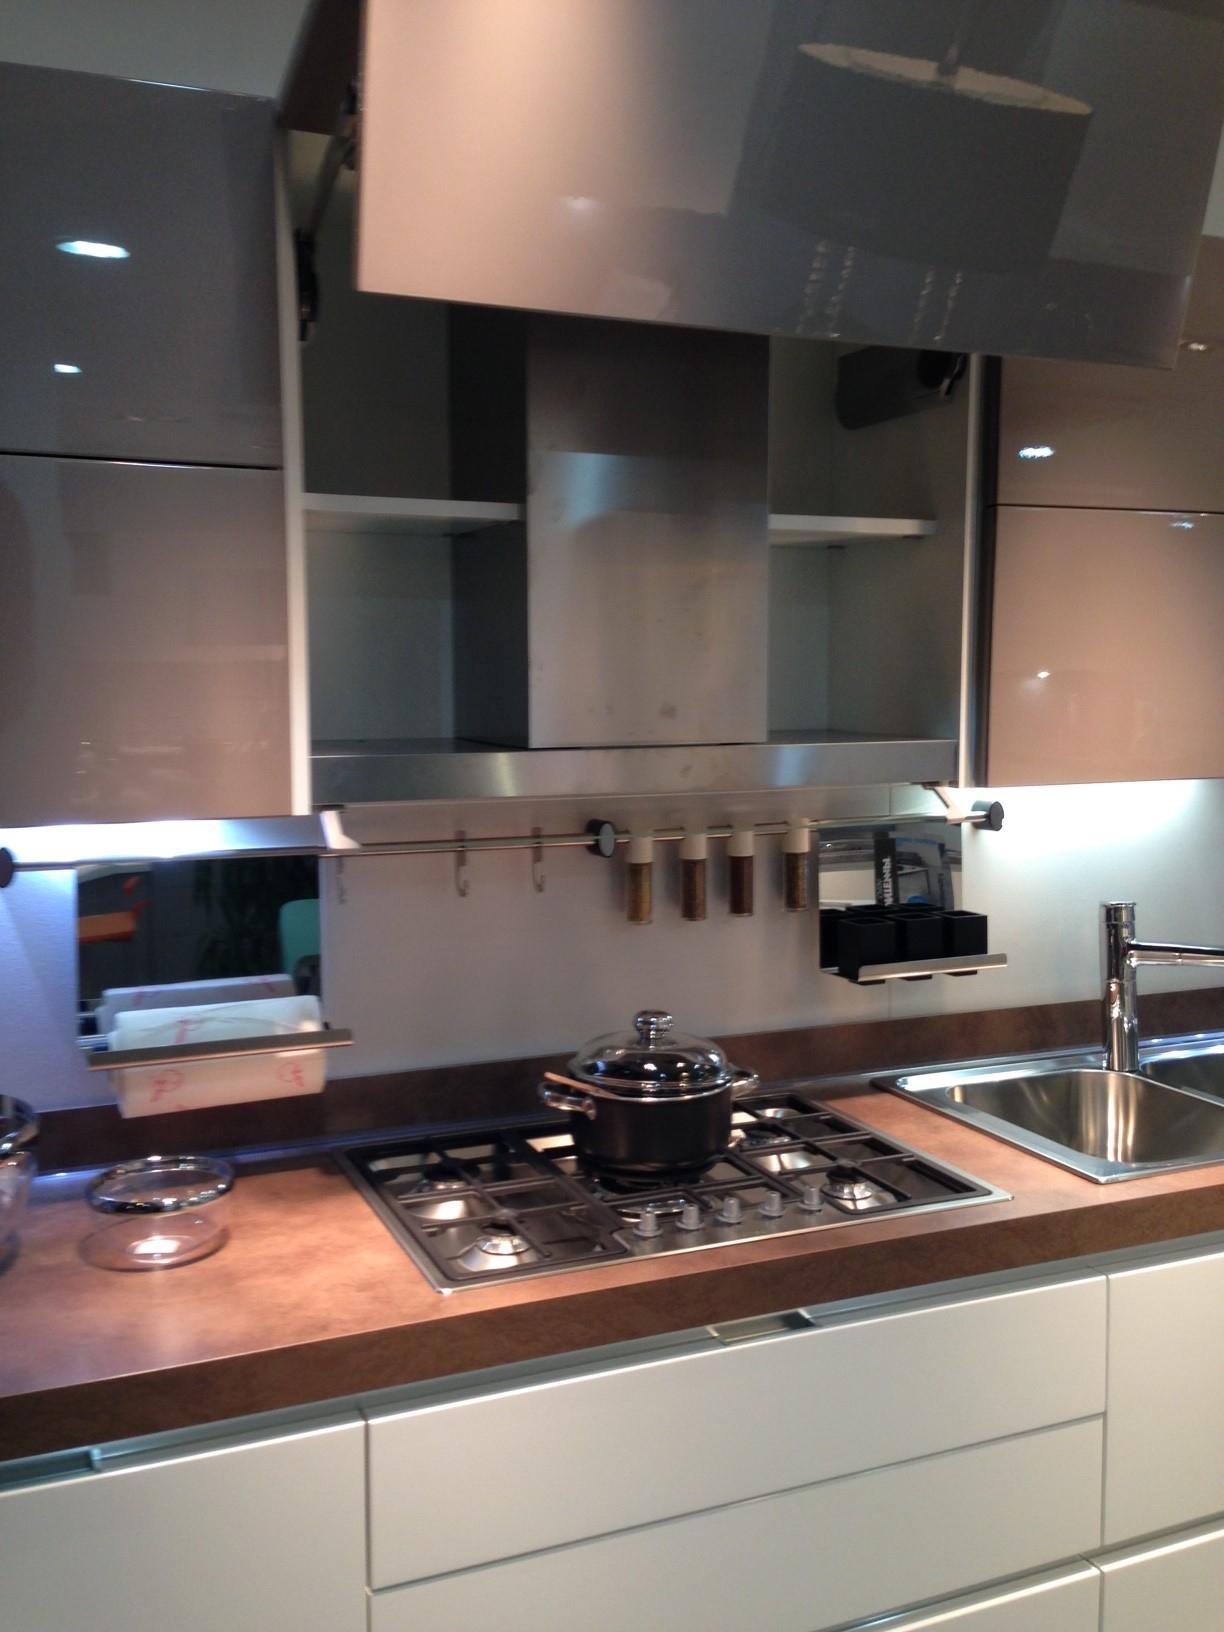 Scavolini Cucina Scenery scontato del -50 % - Cucine a prezzi scontati